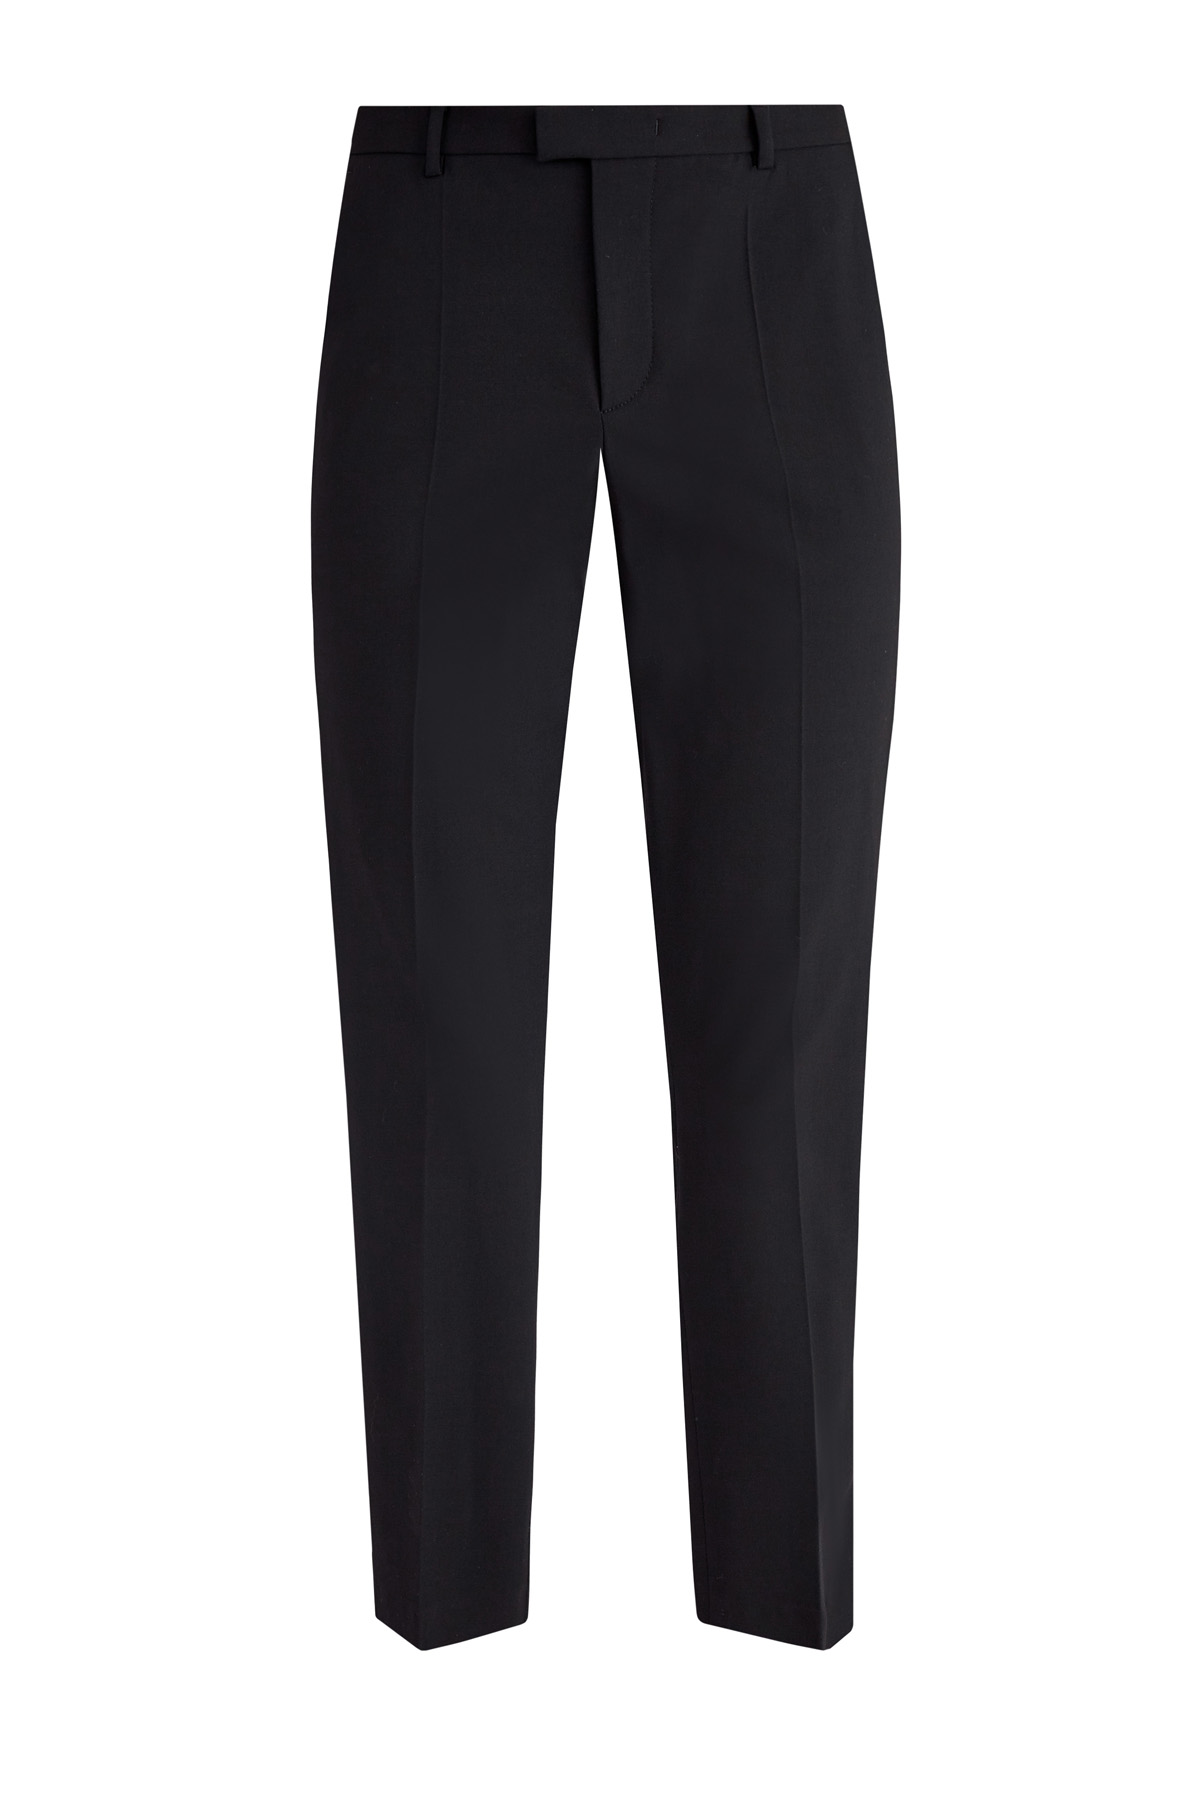 Укороченные брюки в классическом стиле из ткани кади